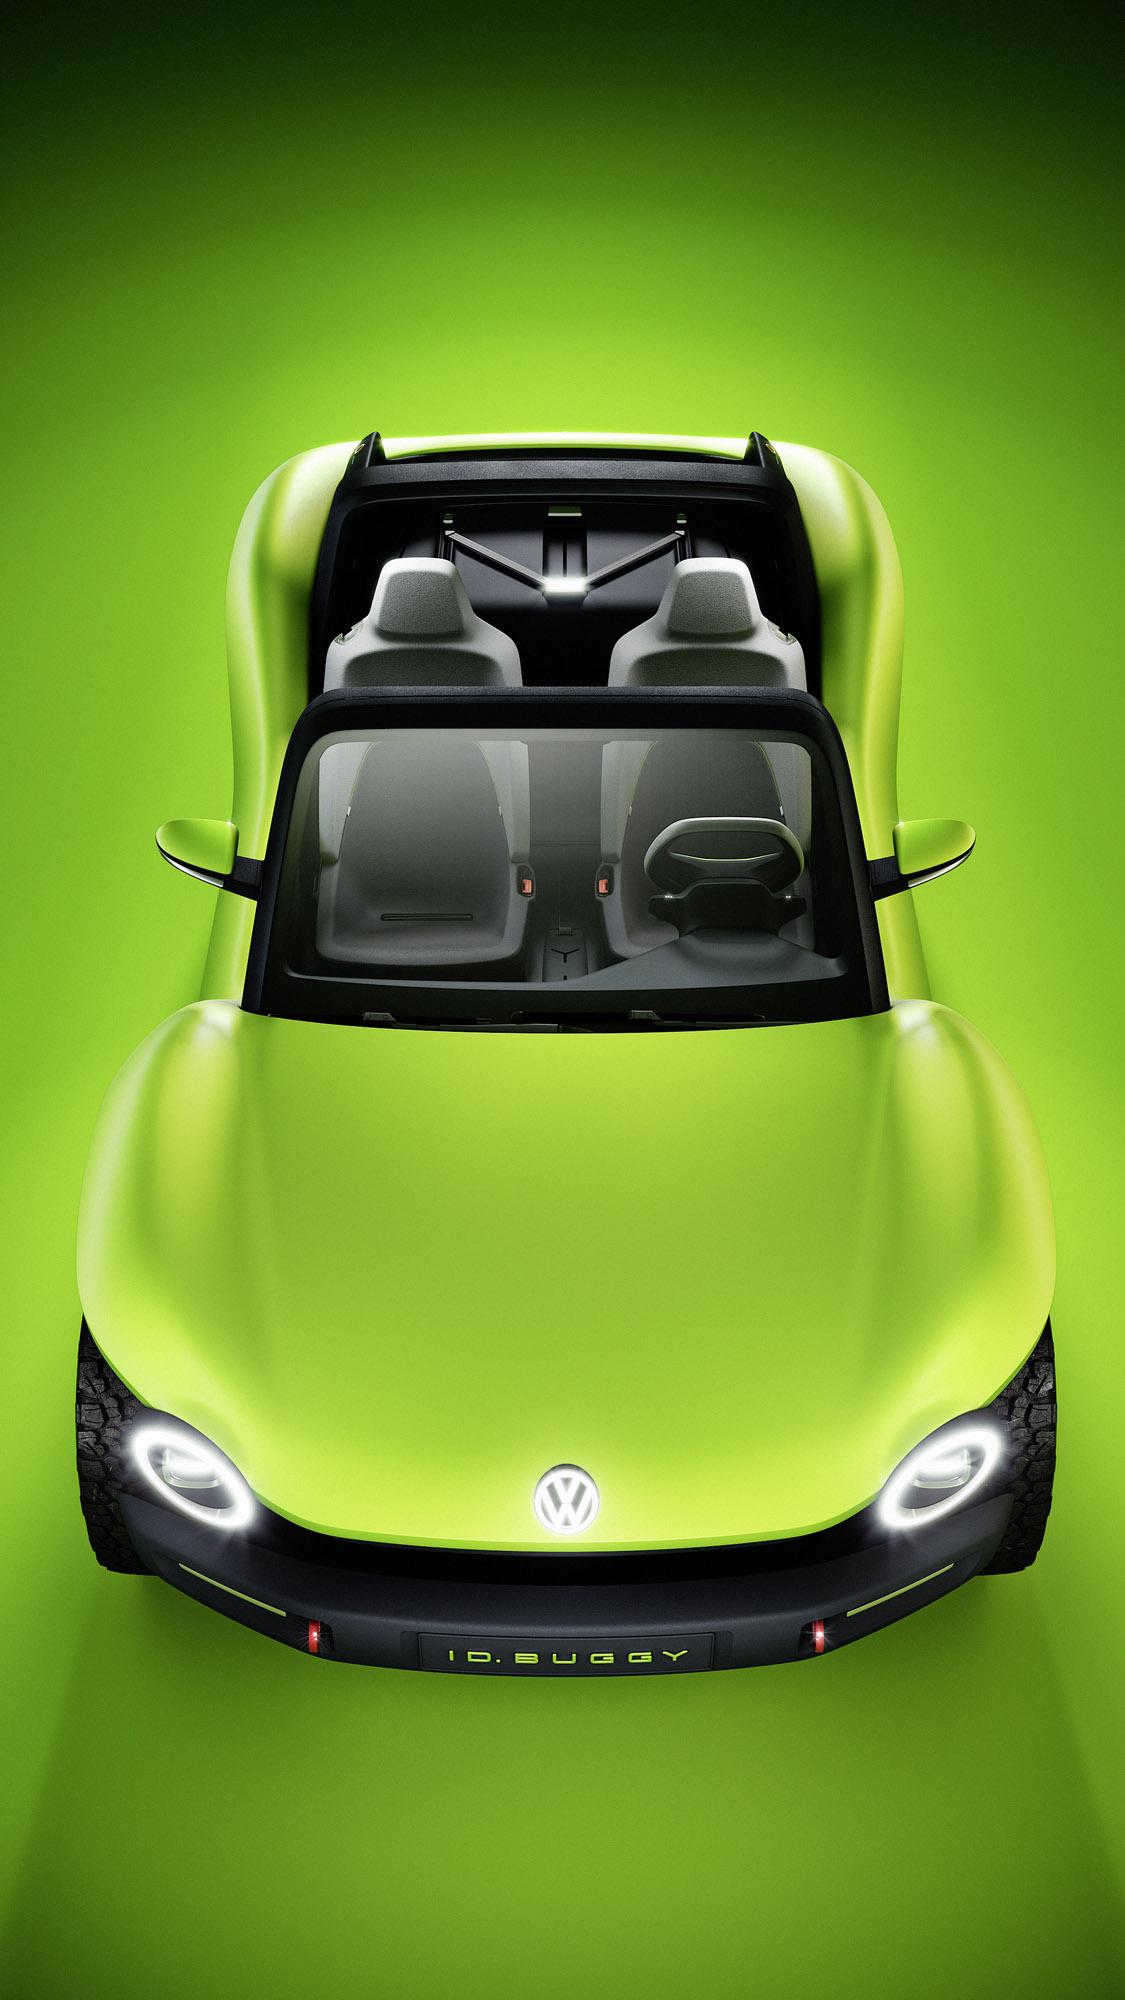 ID. BUGGY преобладает в категории среди пяти конкурентов. Все остальные номинанты в категории «Автомобильный дизайн» состояли из элитных и экзотических автомобильных брендов.